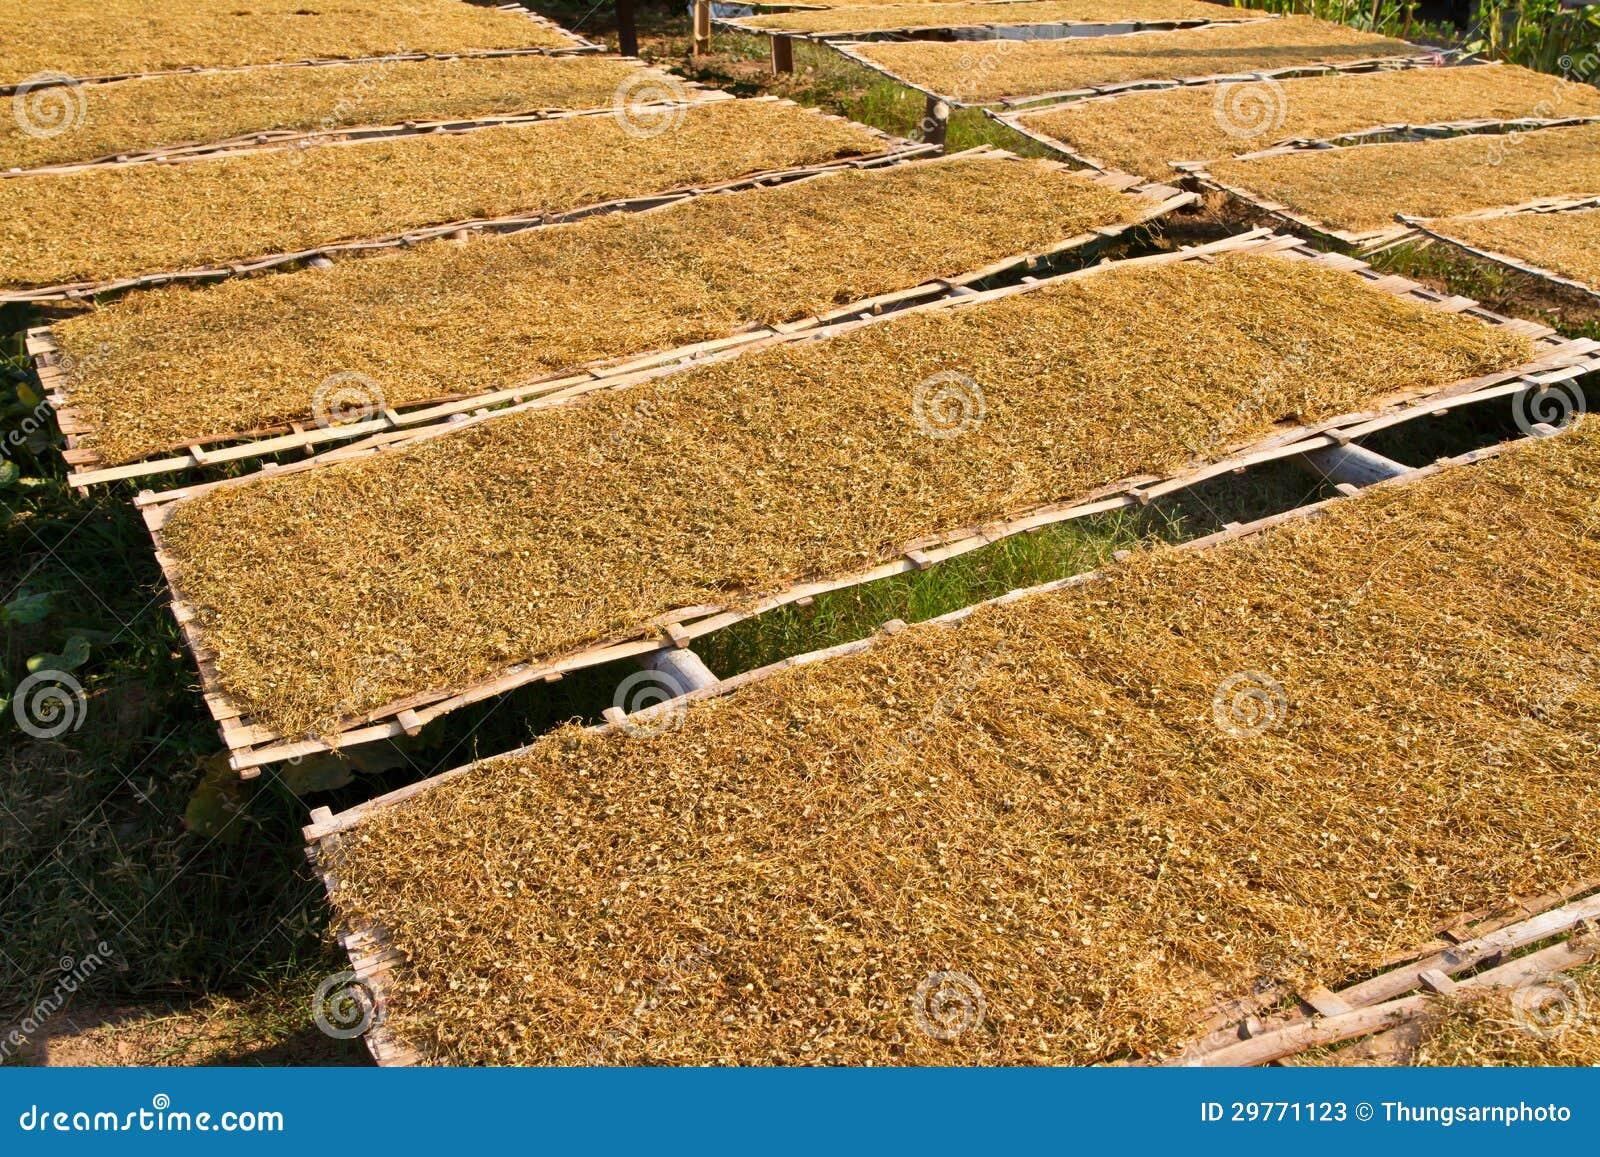 geschnittener tabak auf bambusplatte stockbild - bild von betrieb